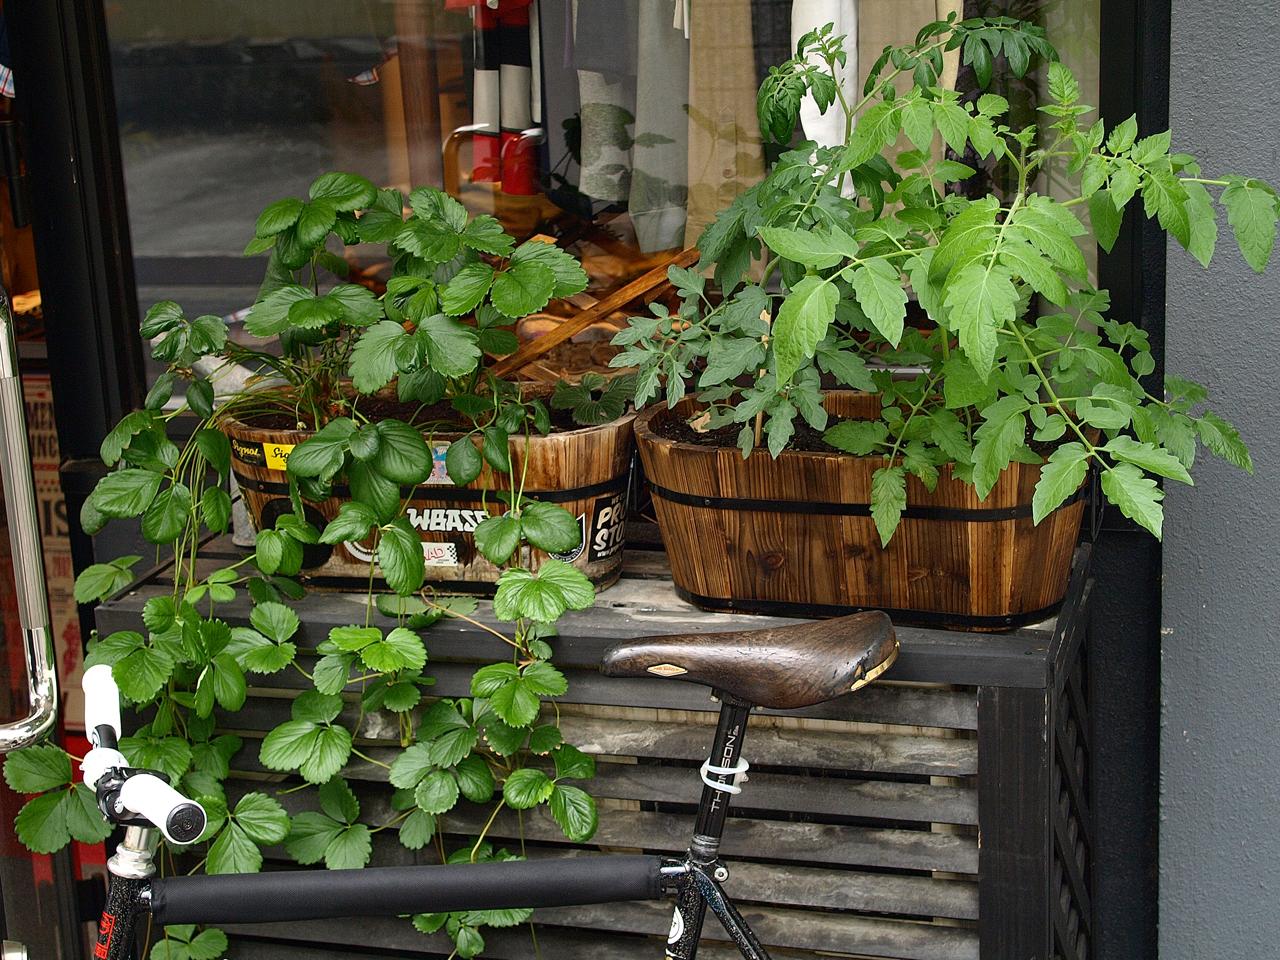 2008-05-30 Garden Of Hunky Dory